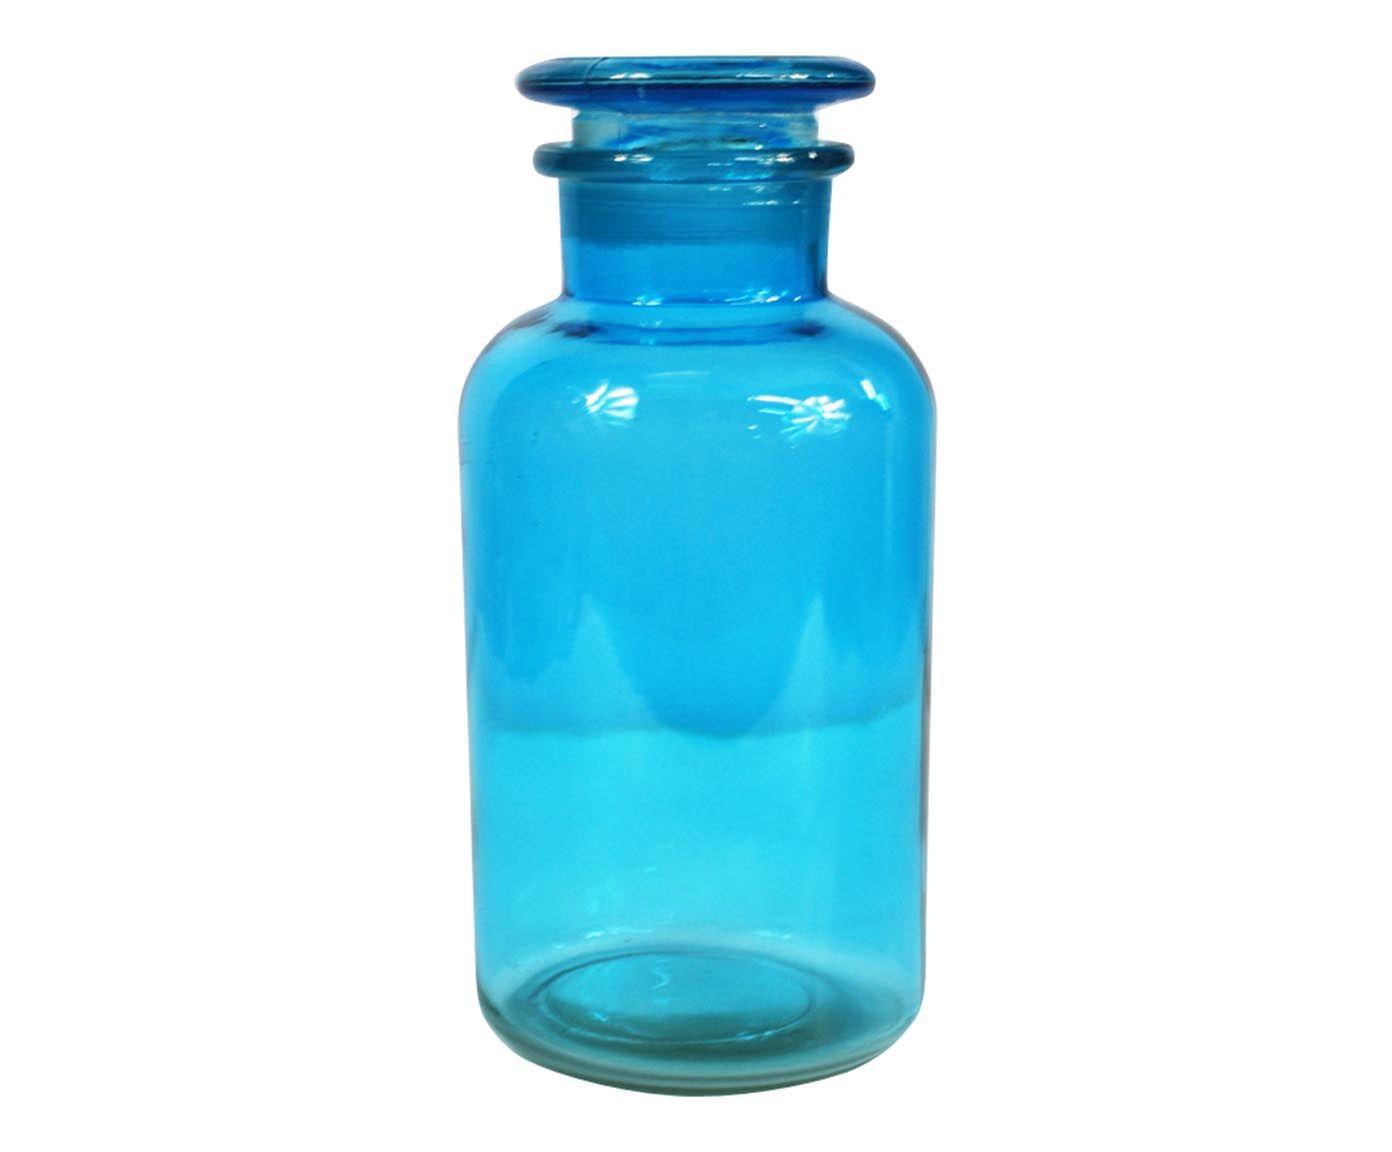 Pote Decorativo Crazy Chemistry Azul - 29cm | Westwing.com.br